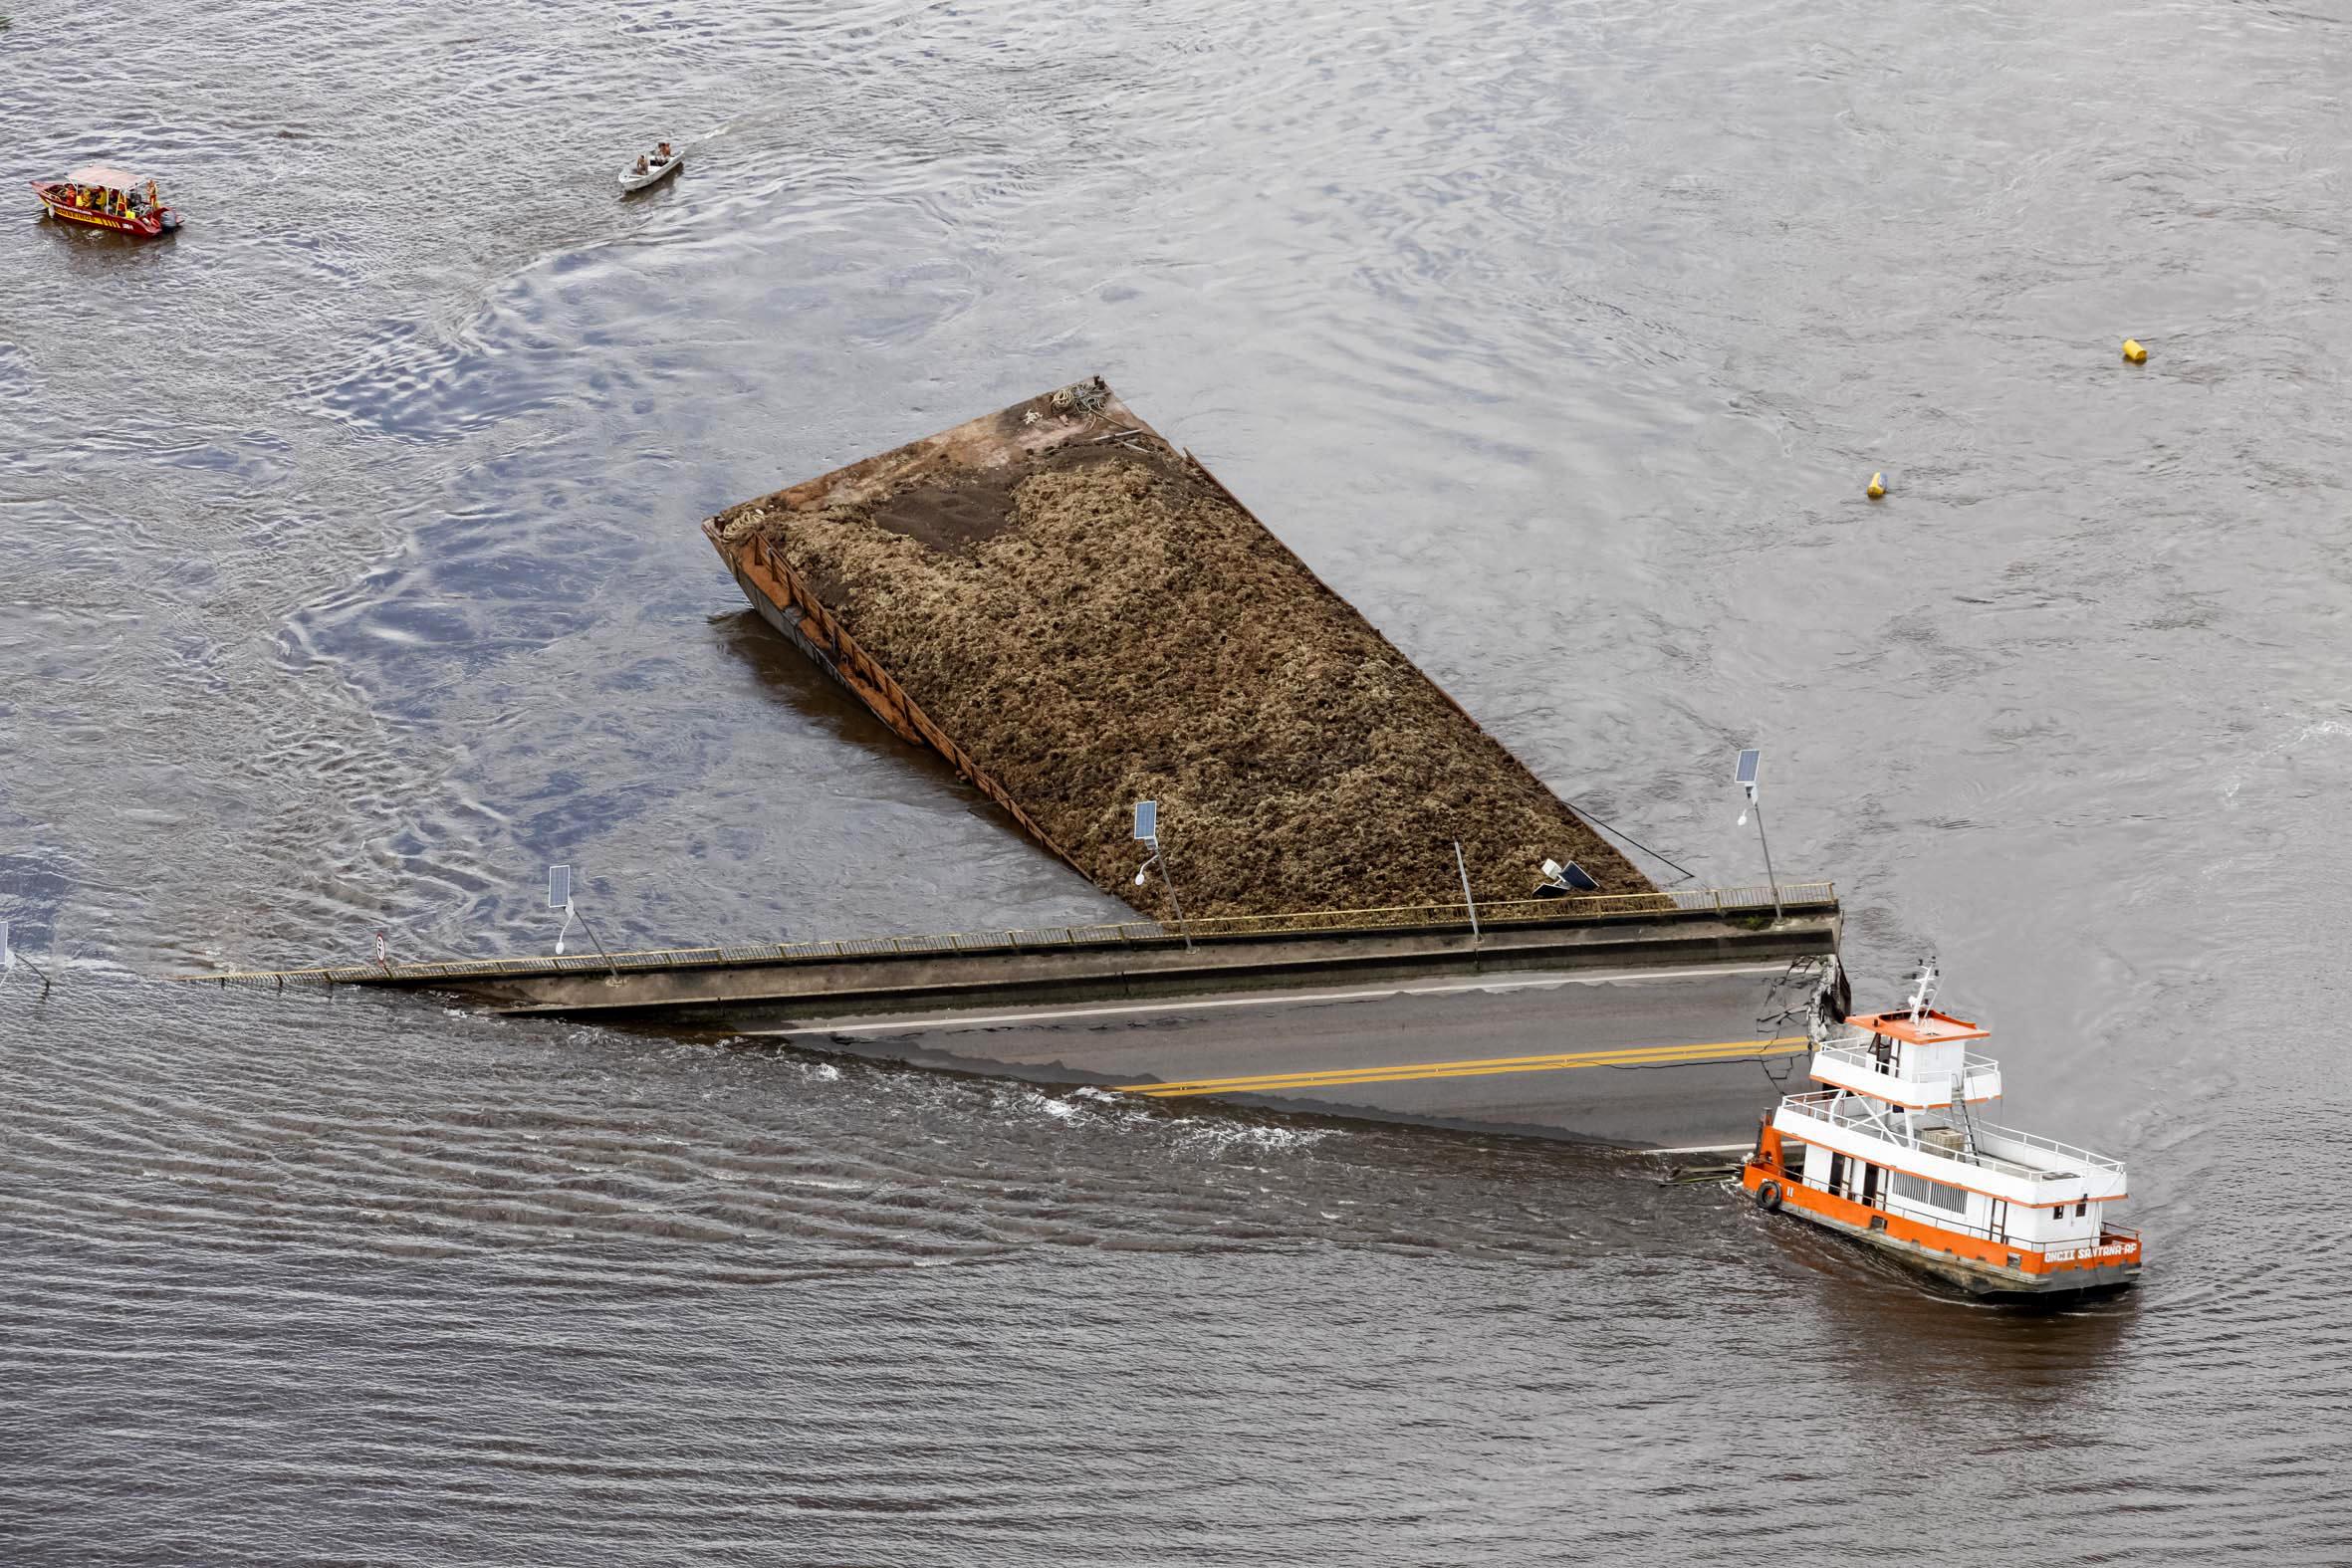 Τα συντρίμμια από τη γέφυρα έχουν πέσει μέσα στον ποταμό